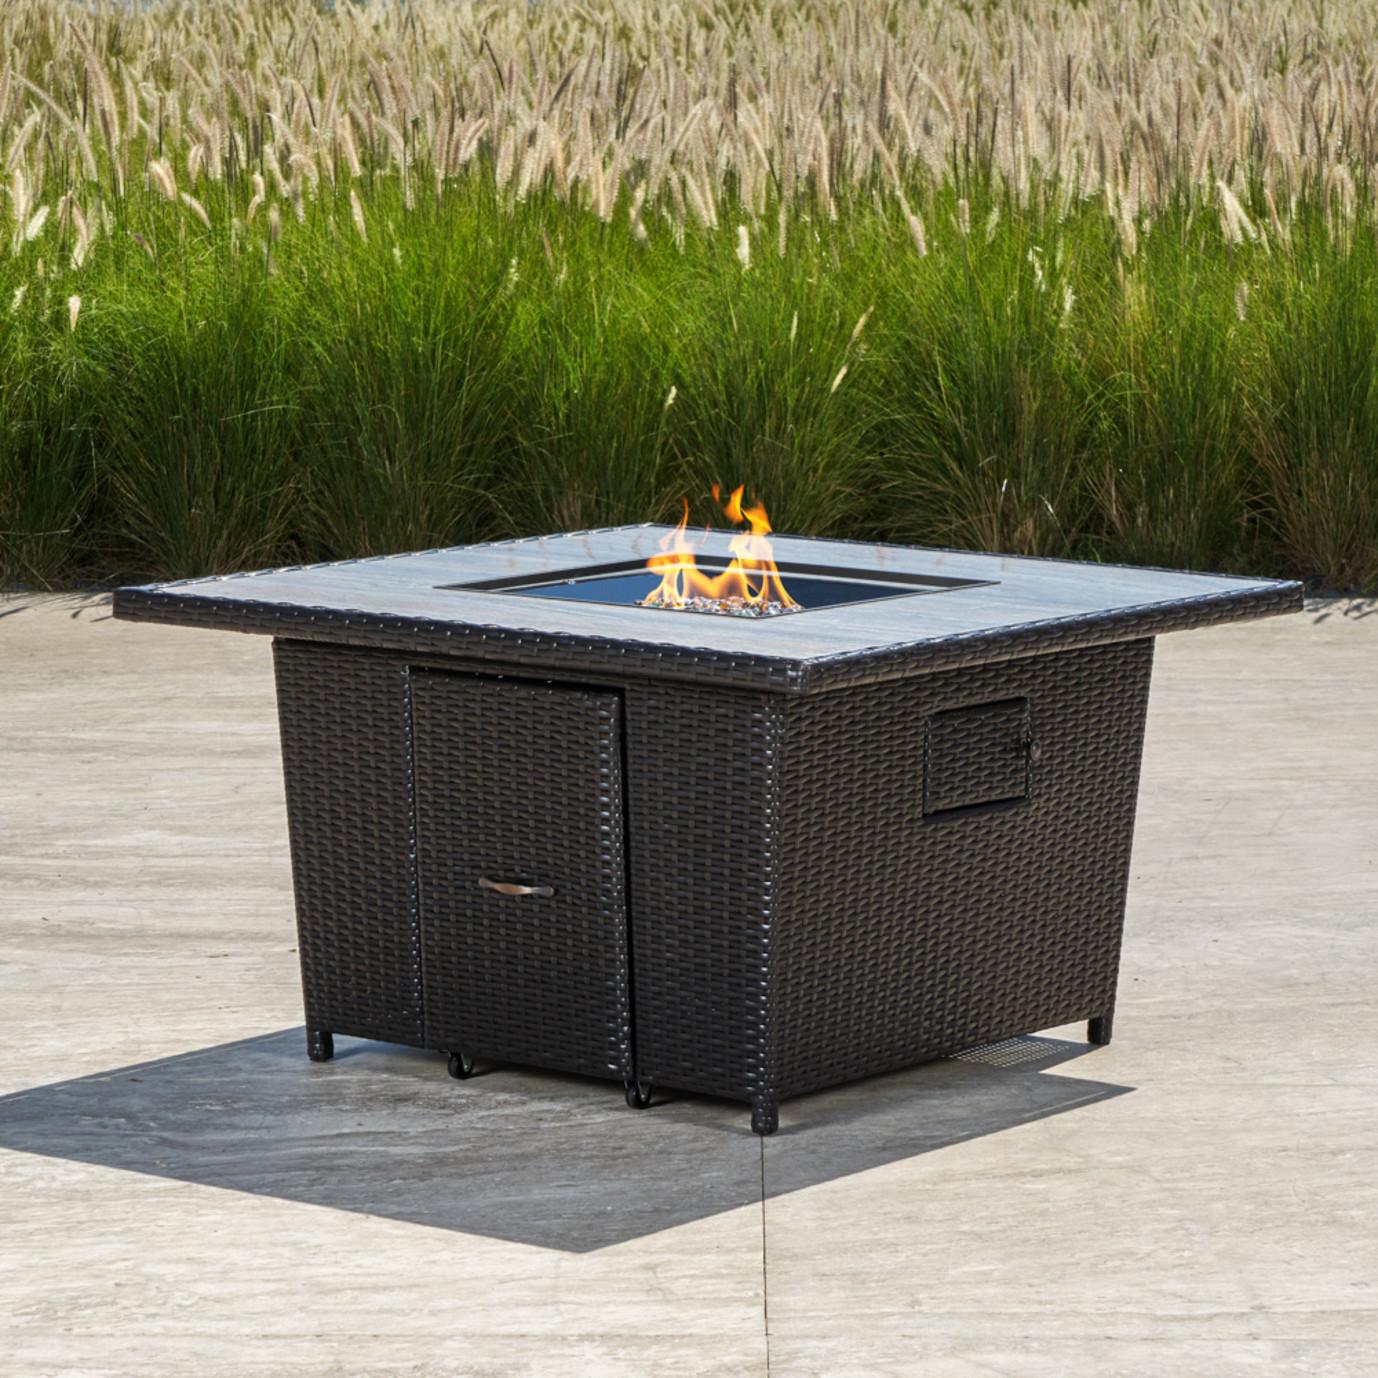 Portofino™ Comfort Stone Top Fire Table - Espresso Taupe